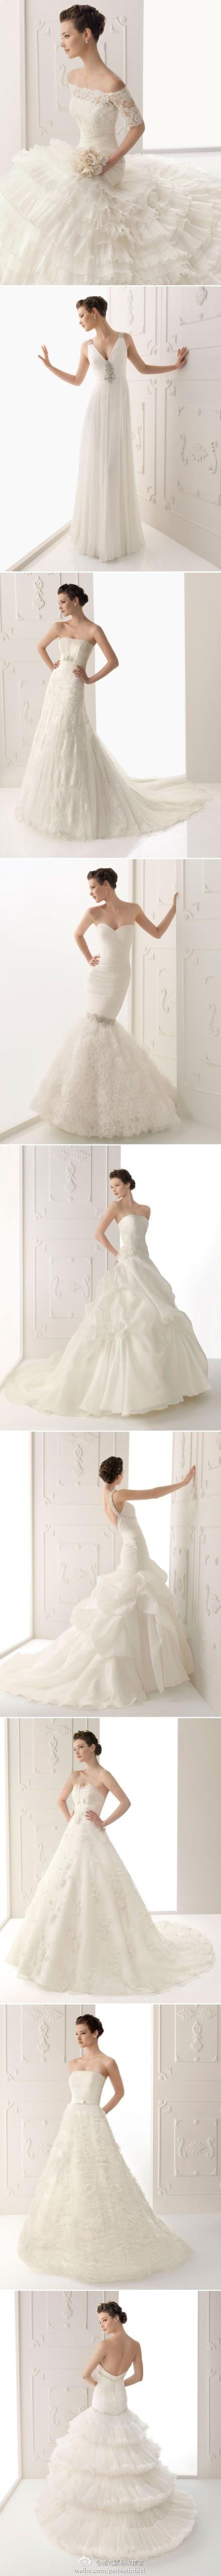 2013 Alma Novia Wedding Dresses